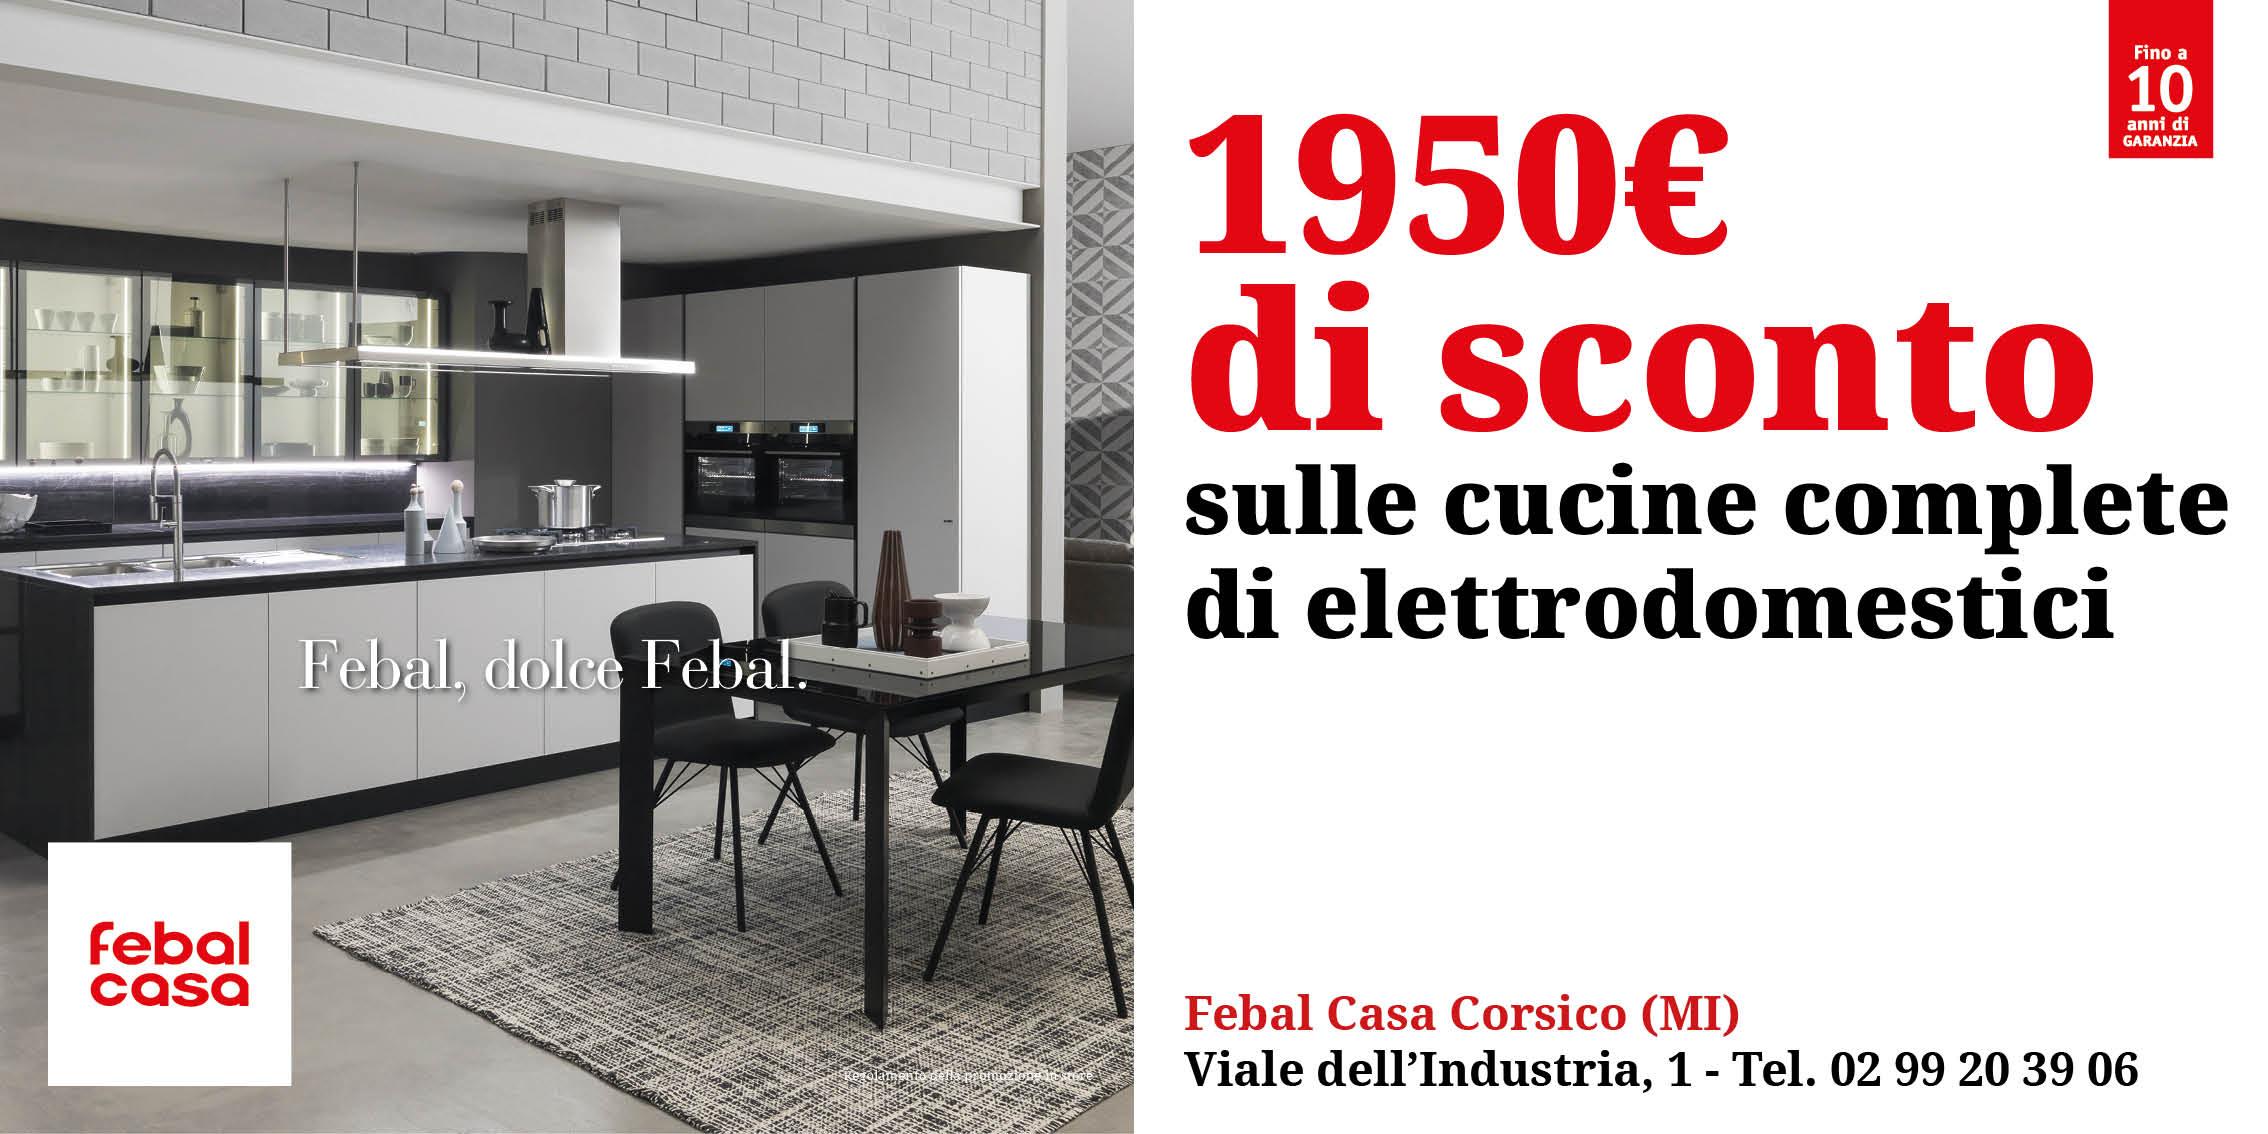 6x3_FC_Corsico - Promo_1950_Billboard